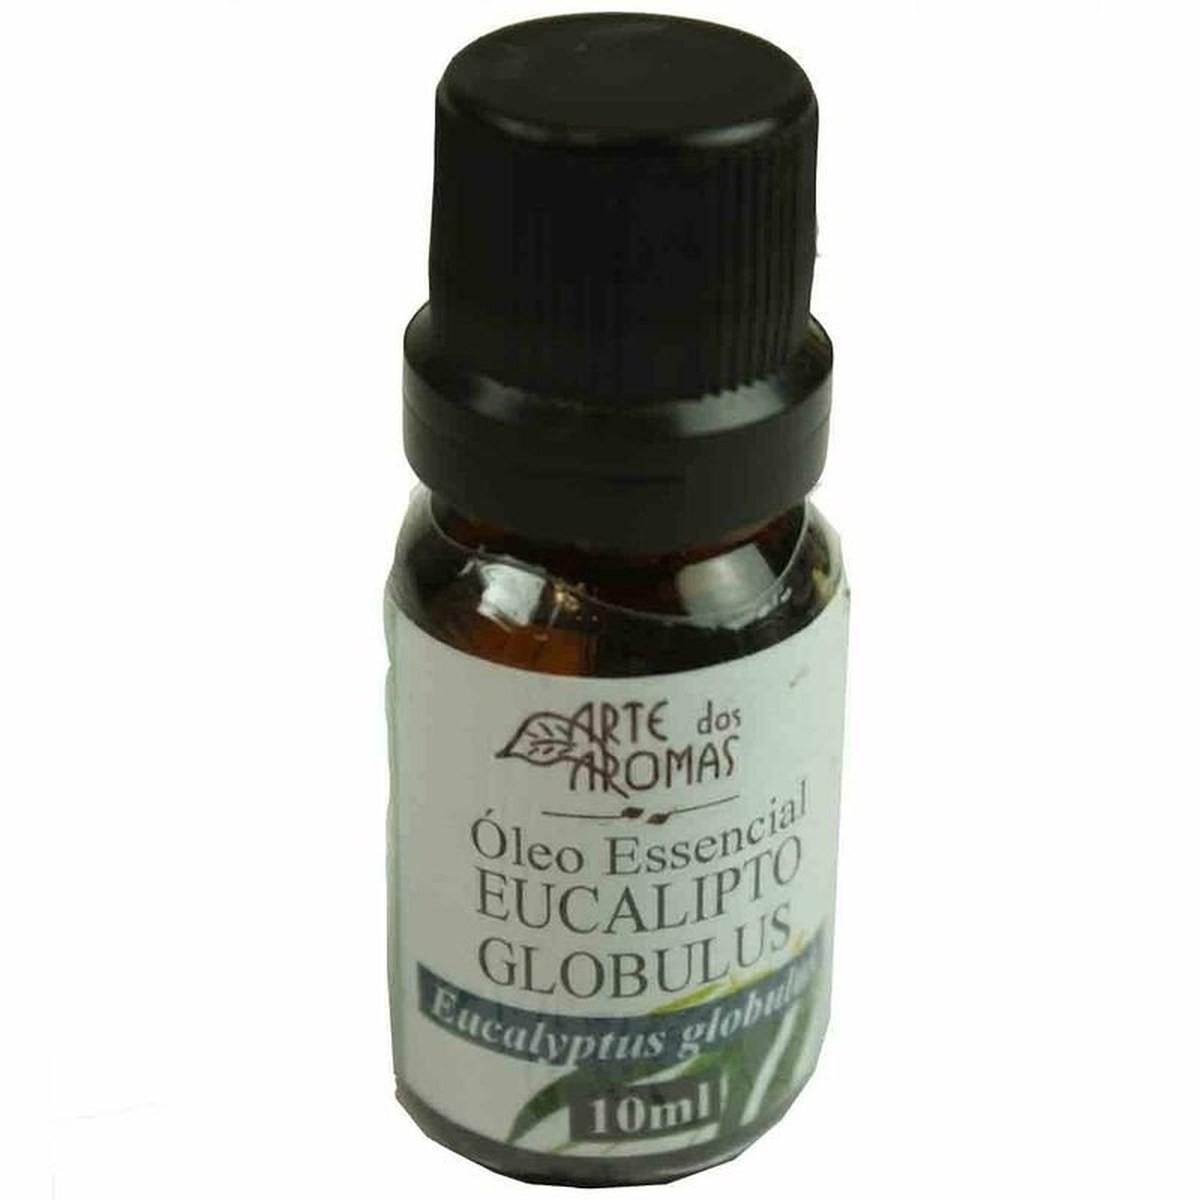 Óleo Essencial Eucalípto Globulus Arte dos Aromas 10 ml